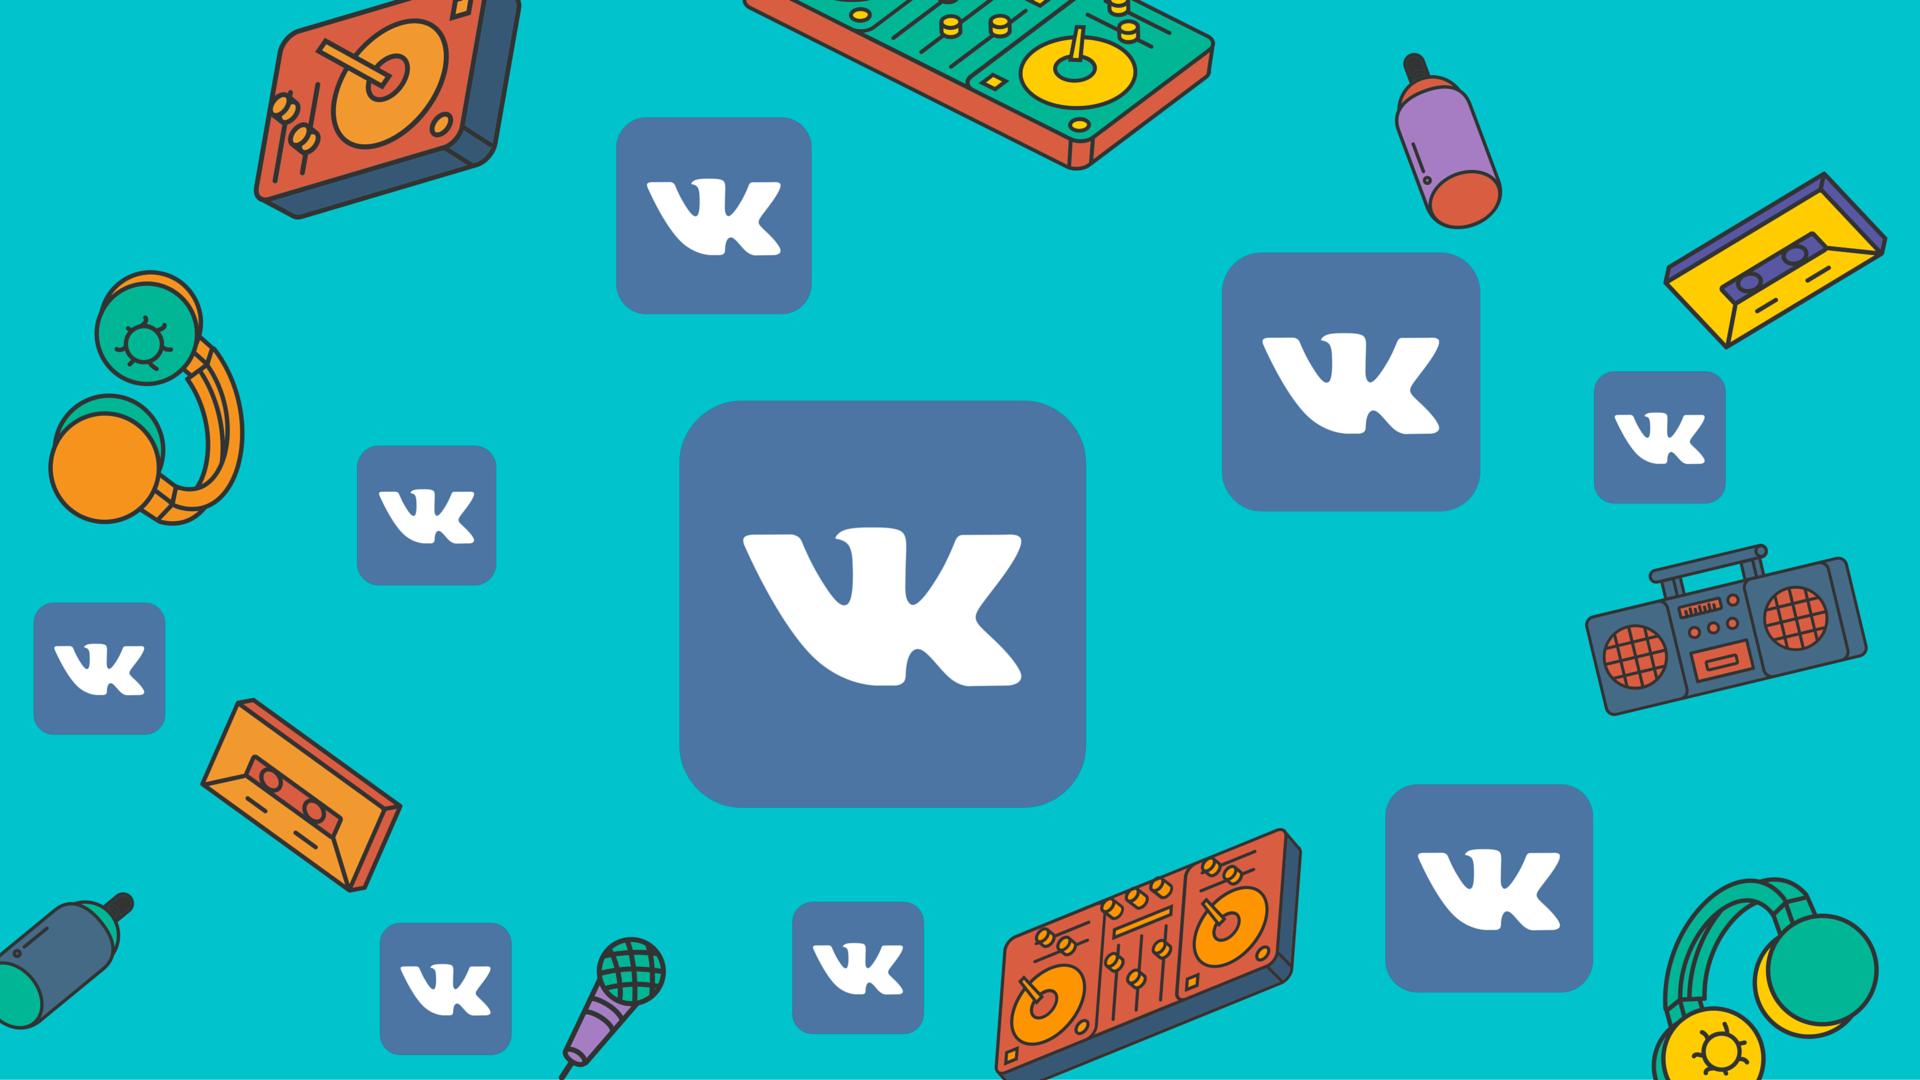 В VK появилась возможность вести переписку от имени группы или публичной страницы